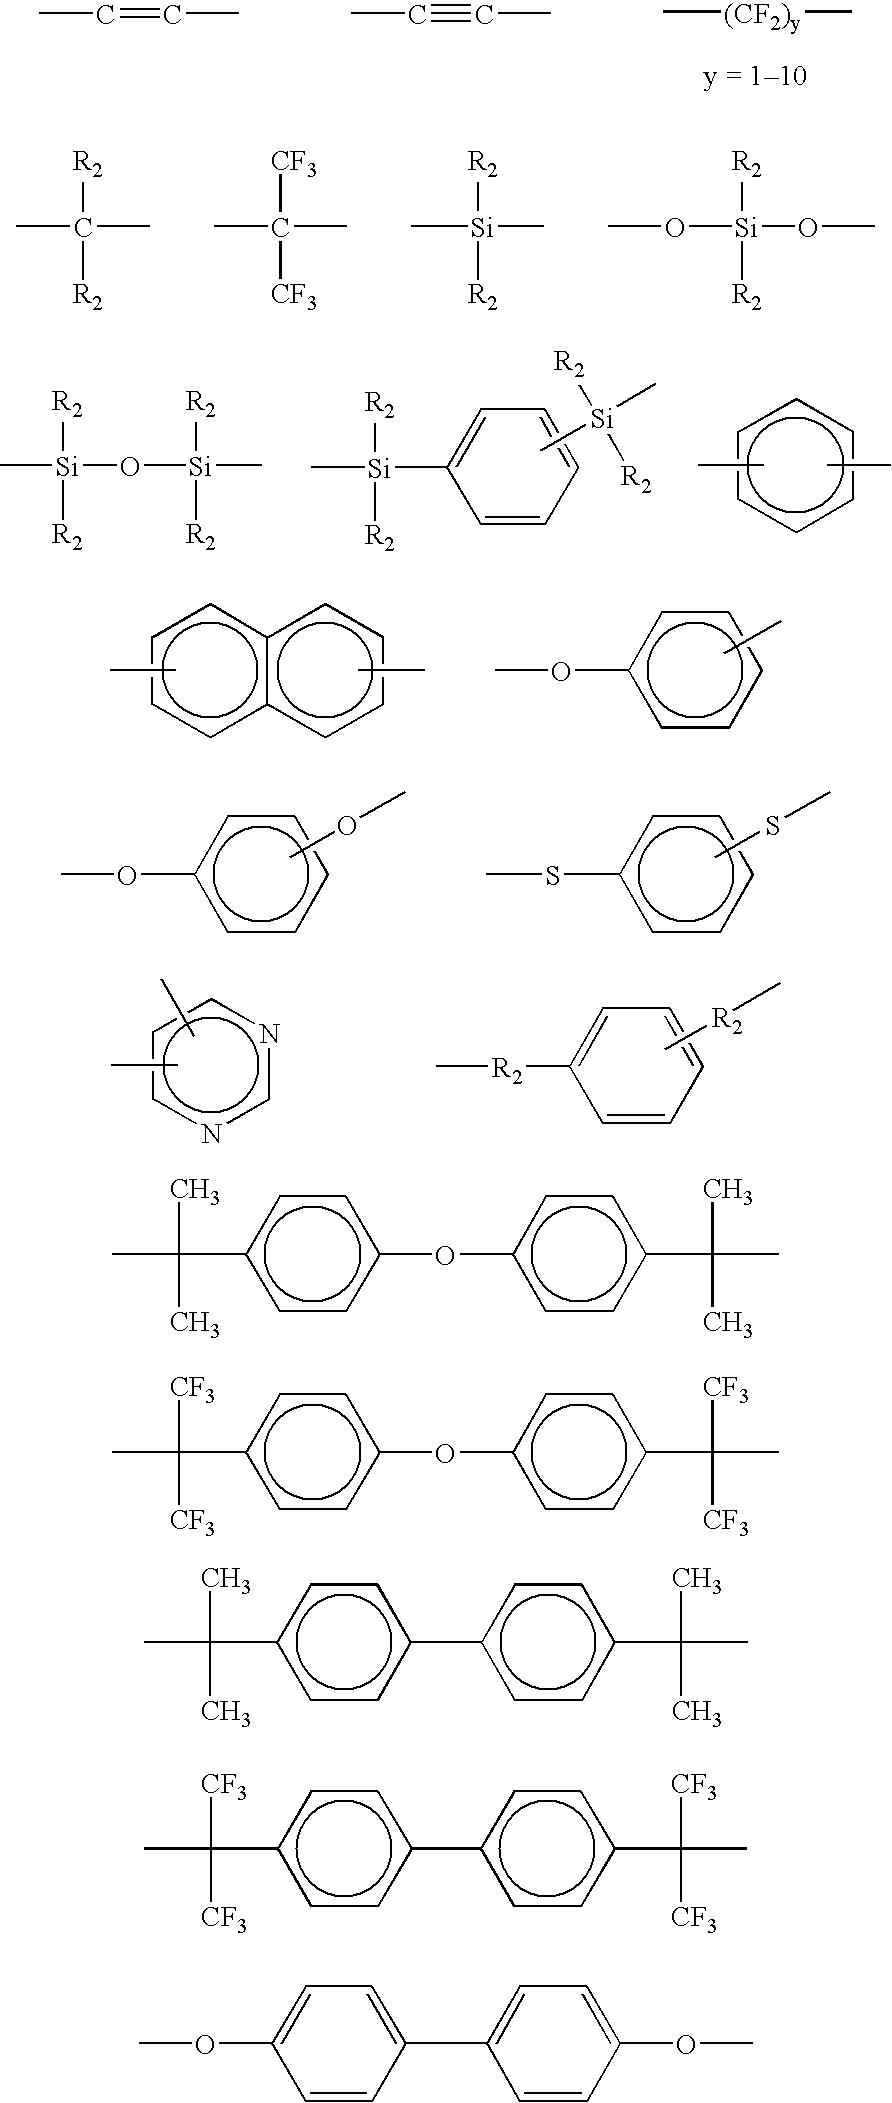 Figure US20060145149A1-20060706-C00006